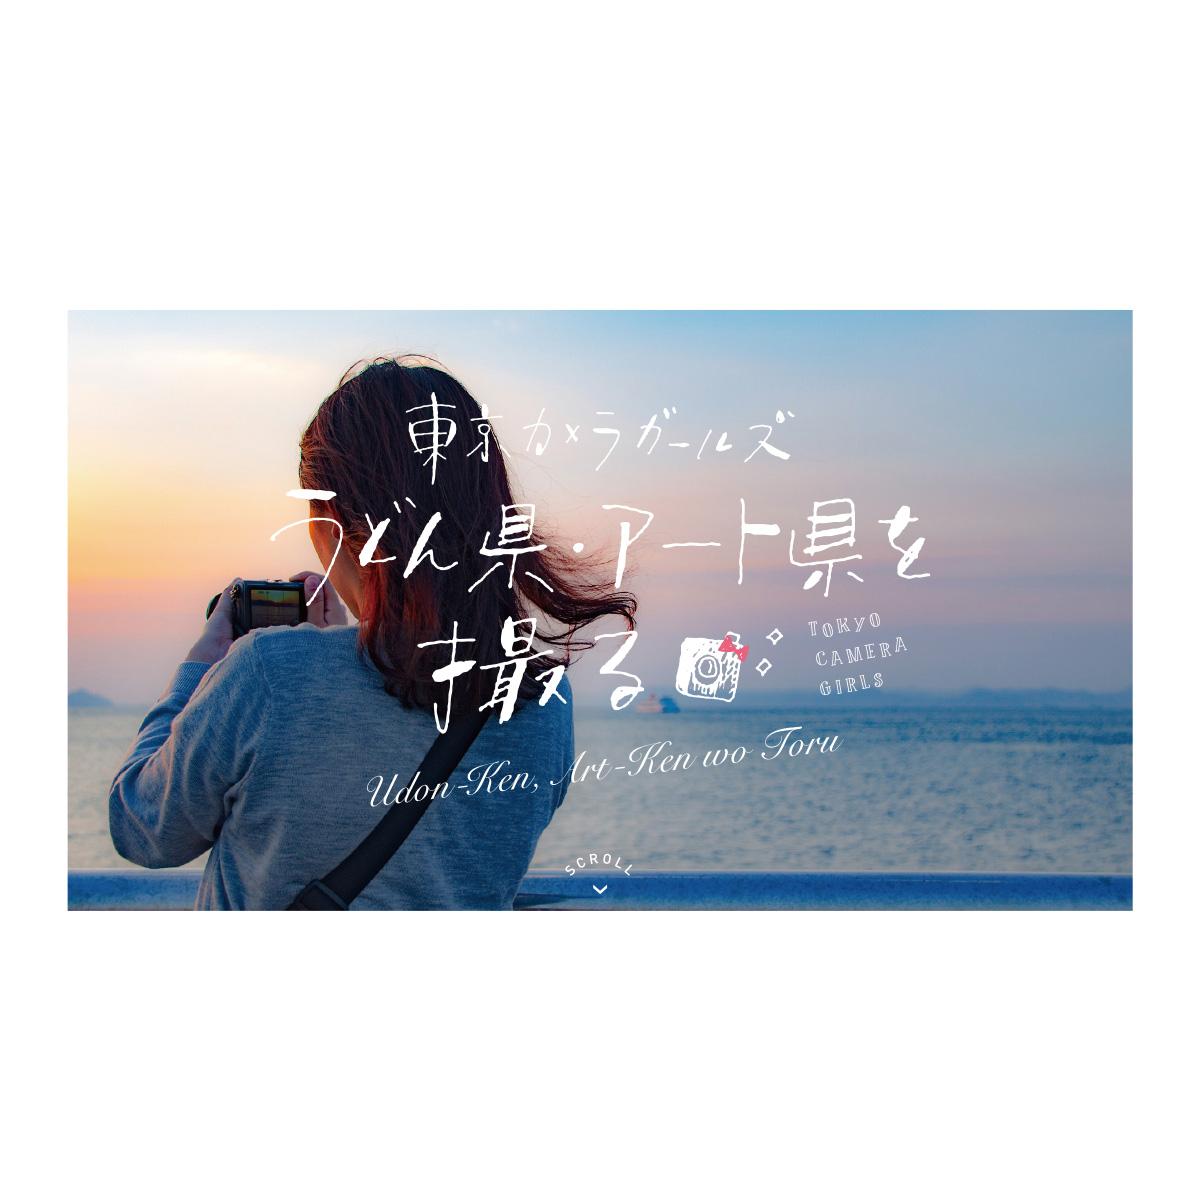 東京カメラガールズ うどん県・アート県を撮る ウェブサイト